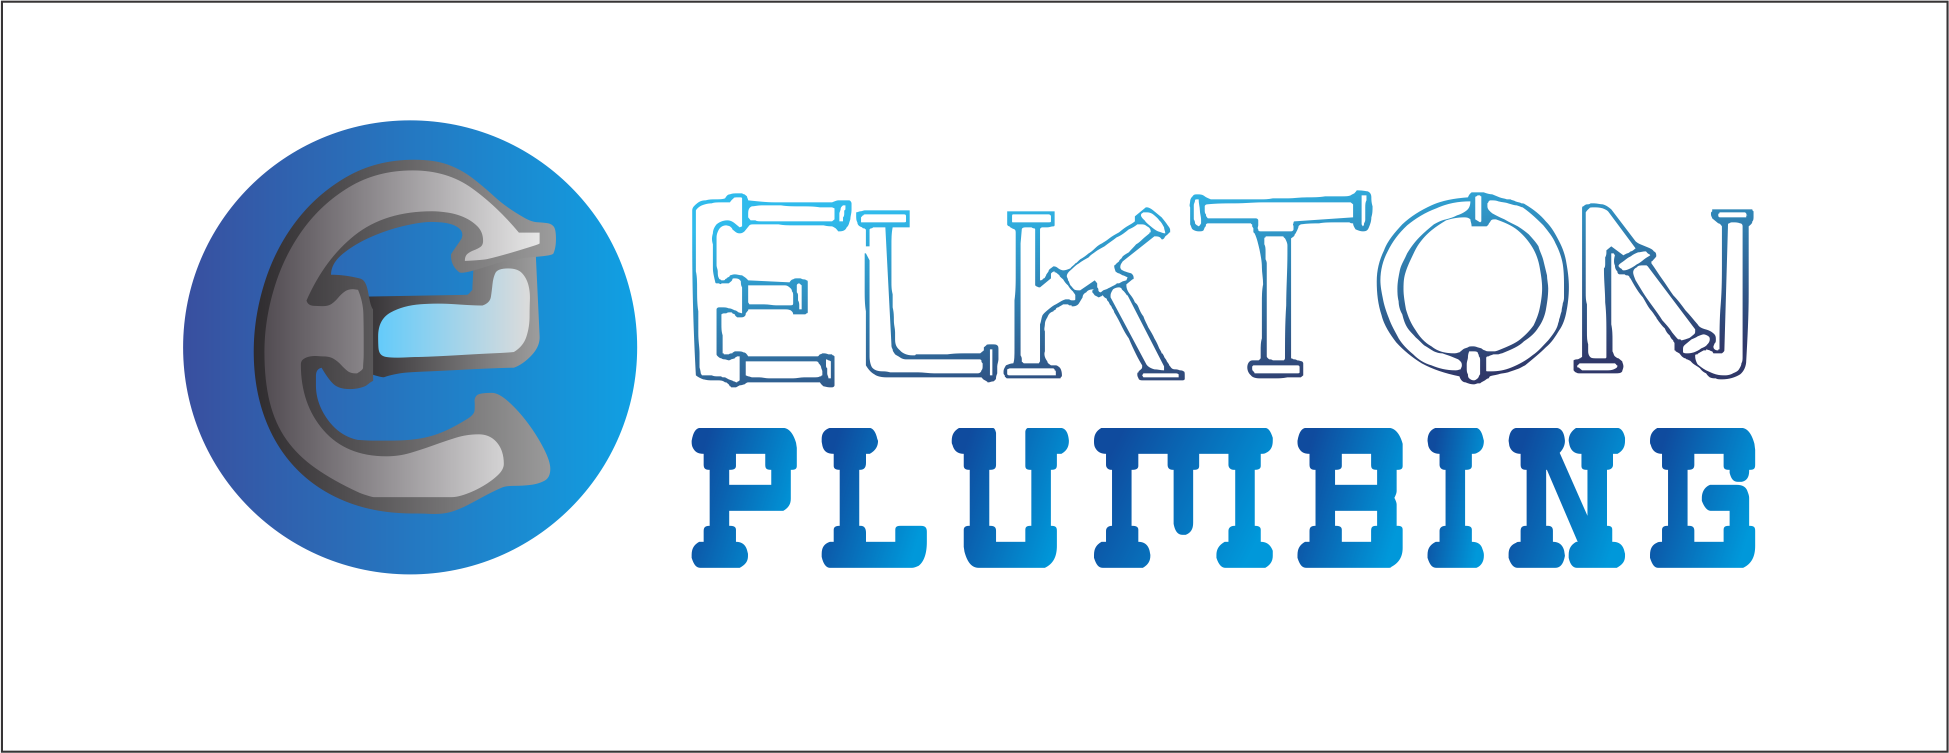 Elkton Premier Plumber